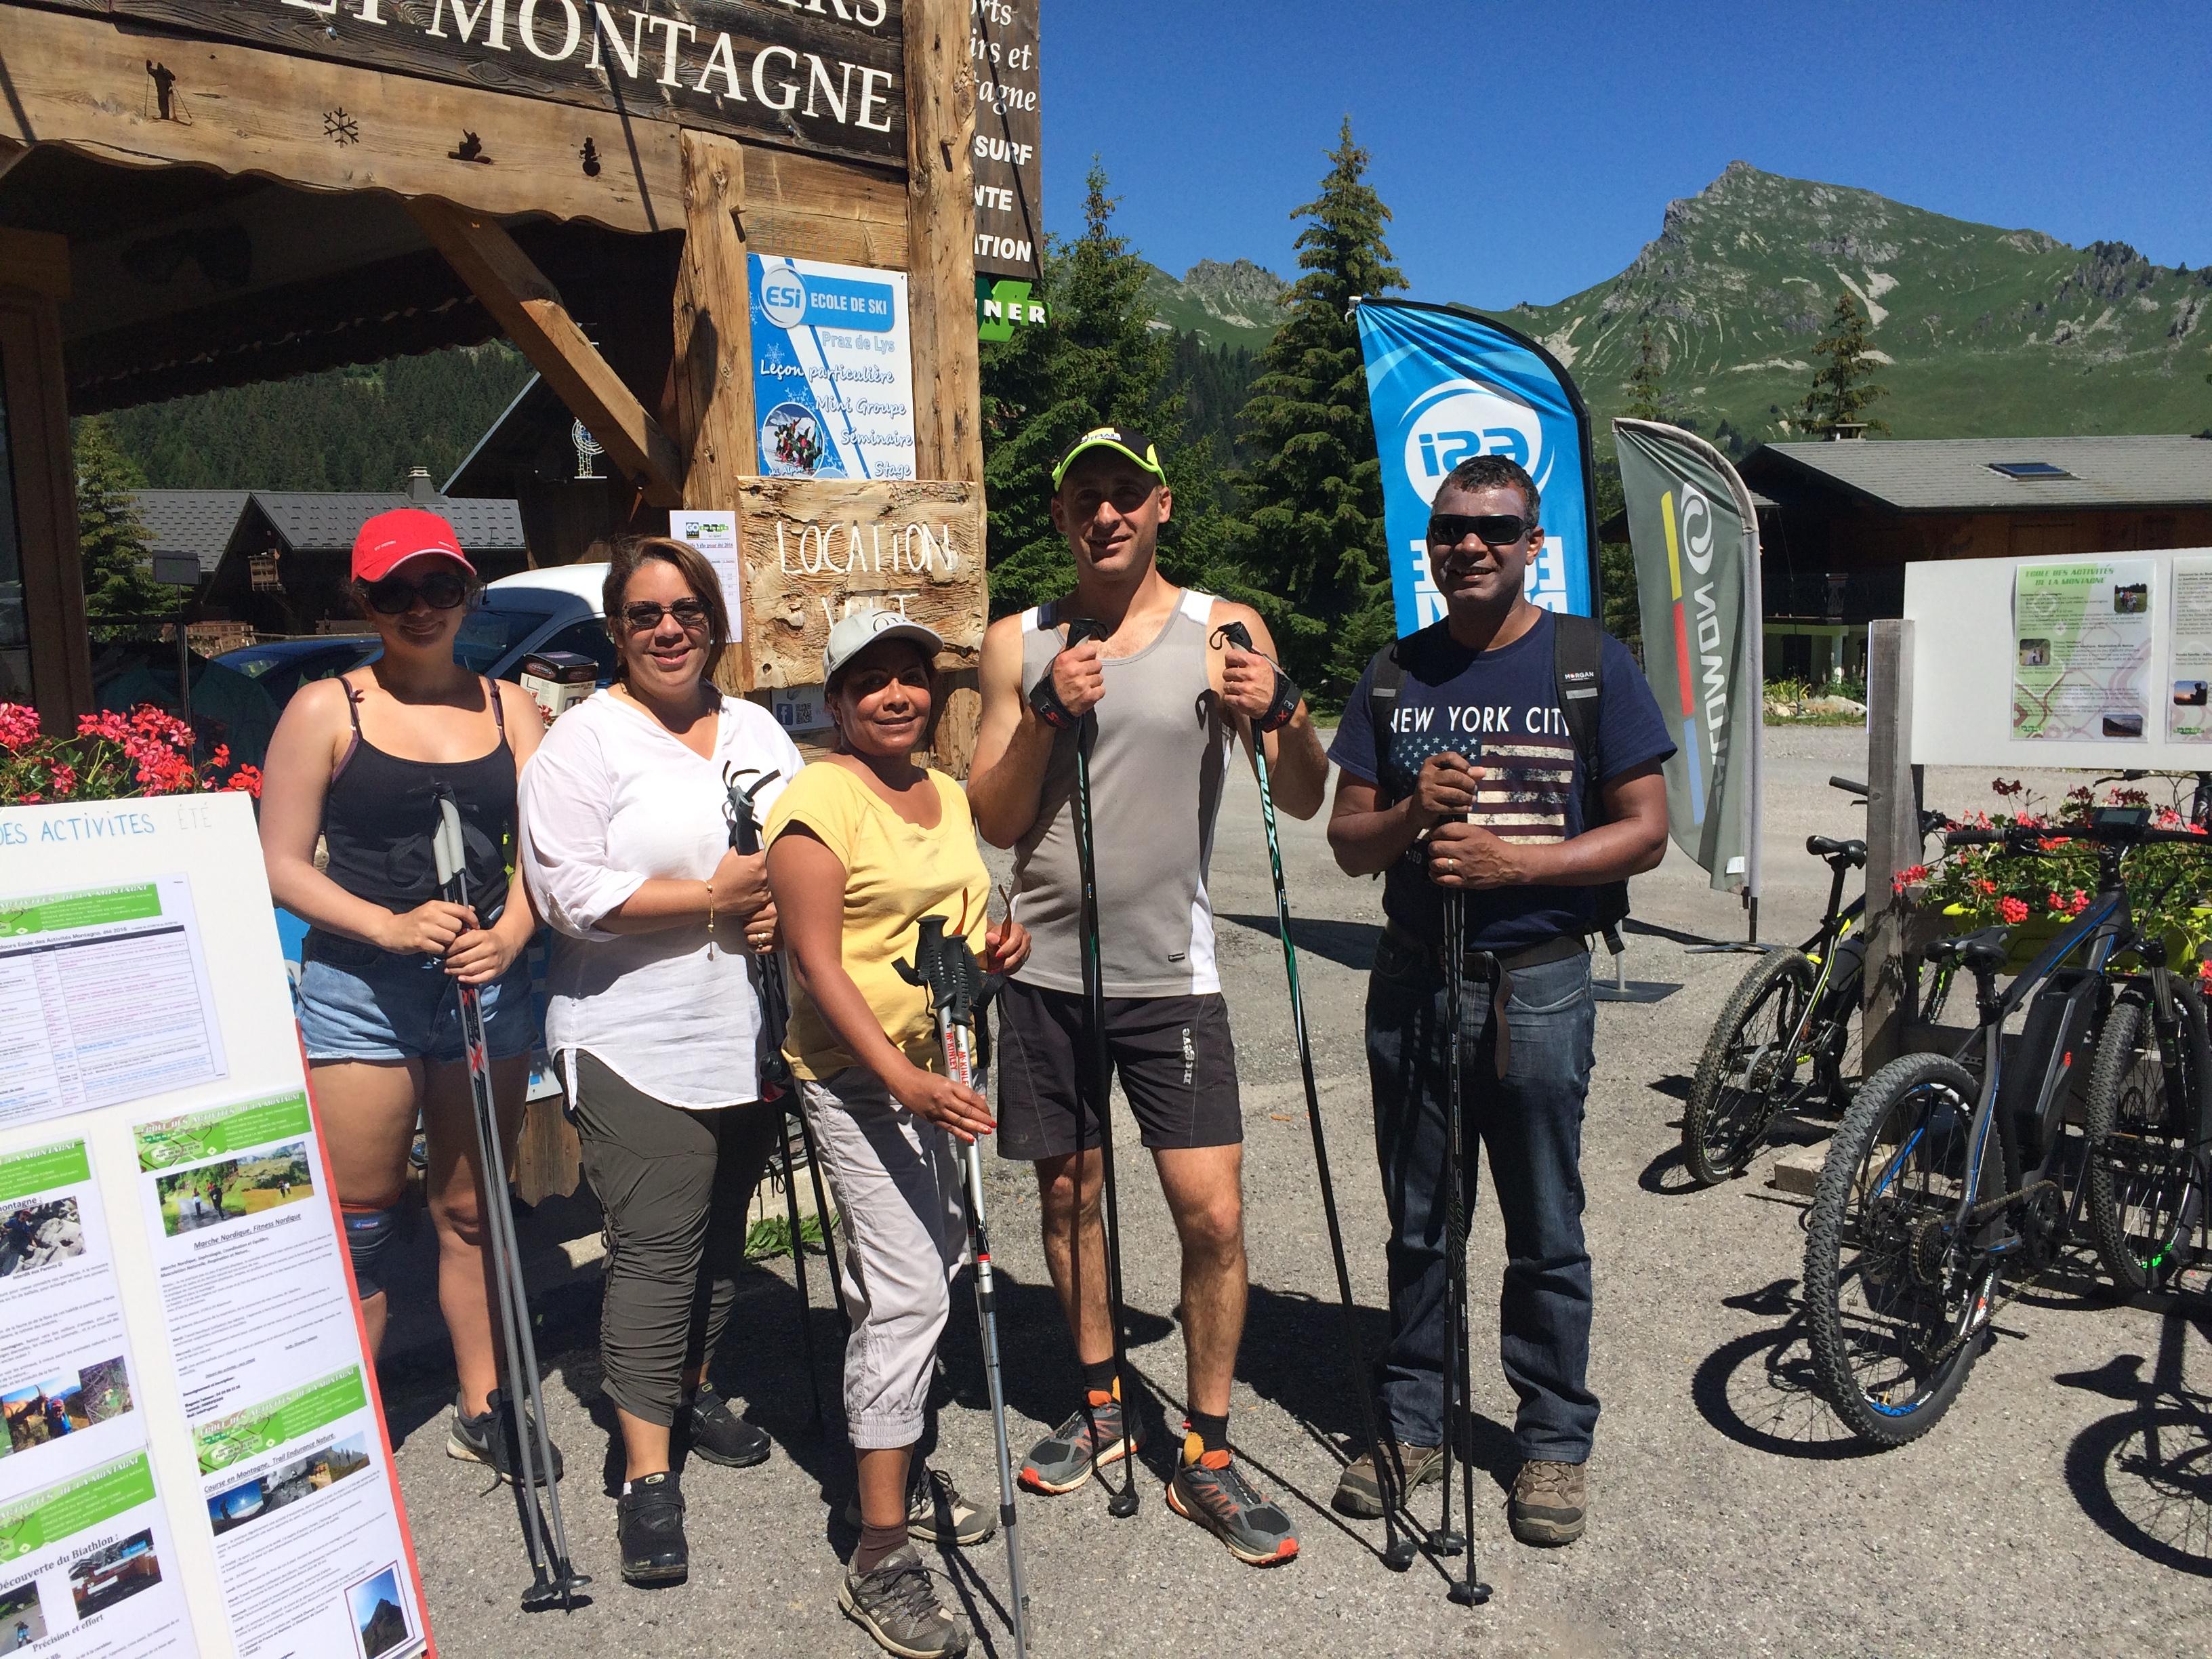 Activité Eté Praz de Lys Go Sport Montagne (16)